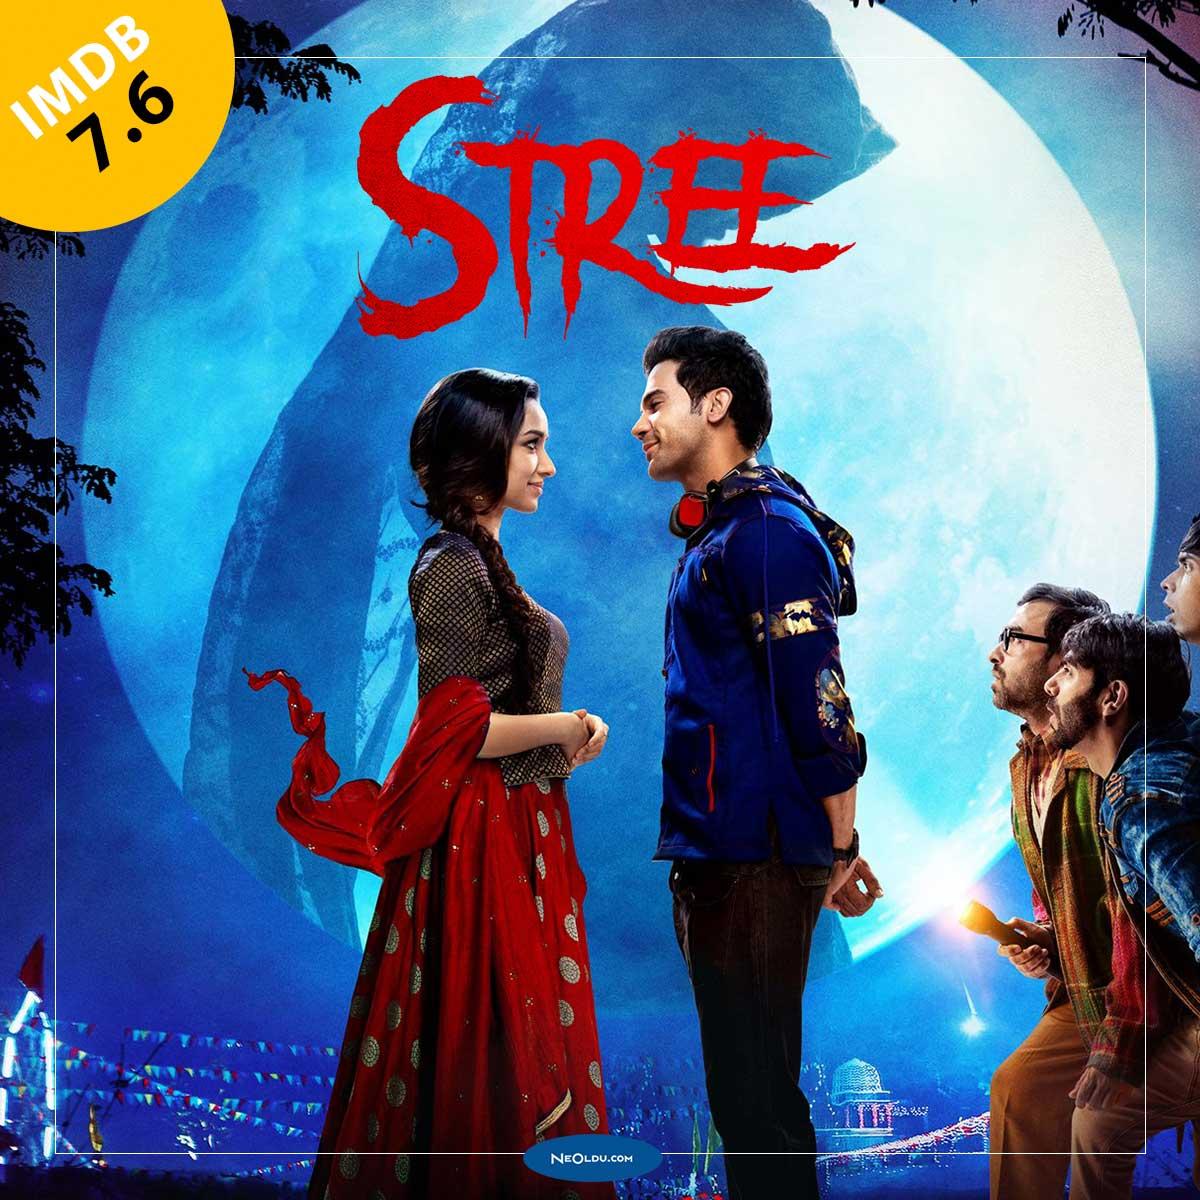 En İyi Hint Filmleri, Hint Filmi Önerileri